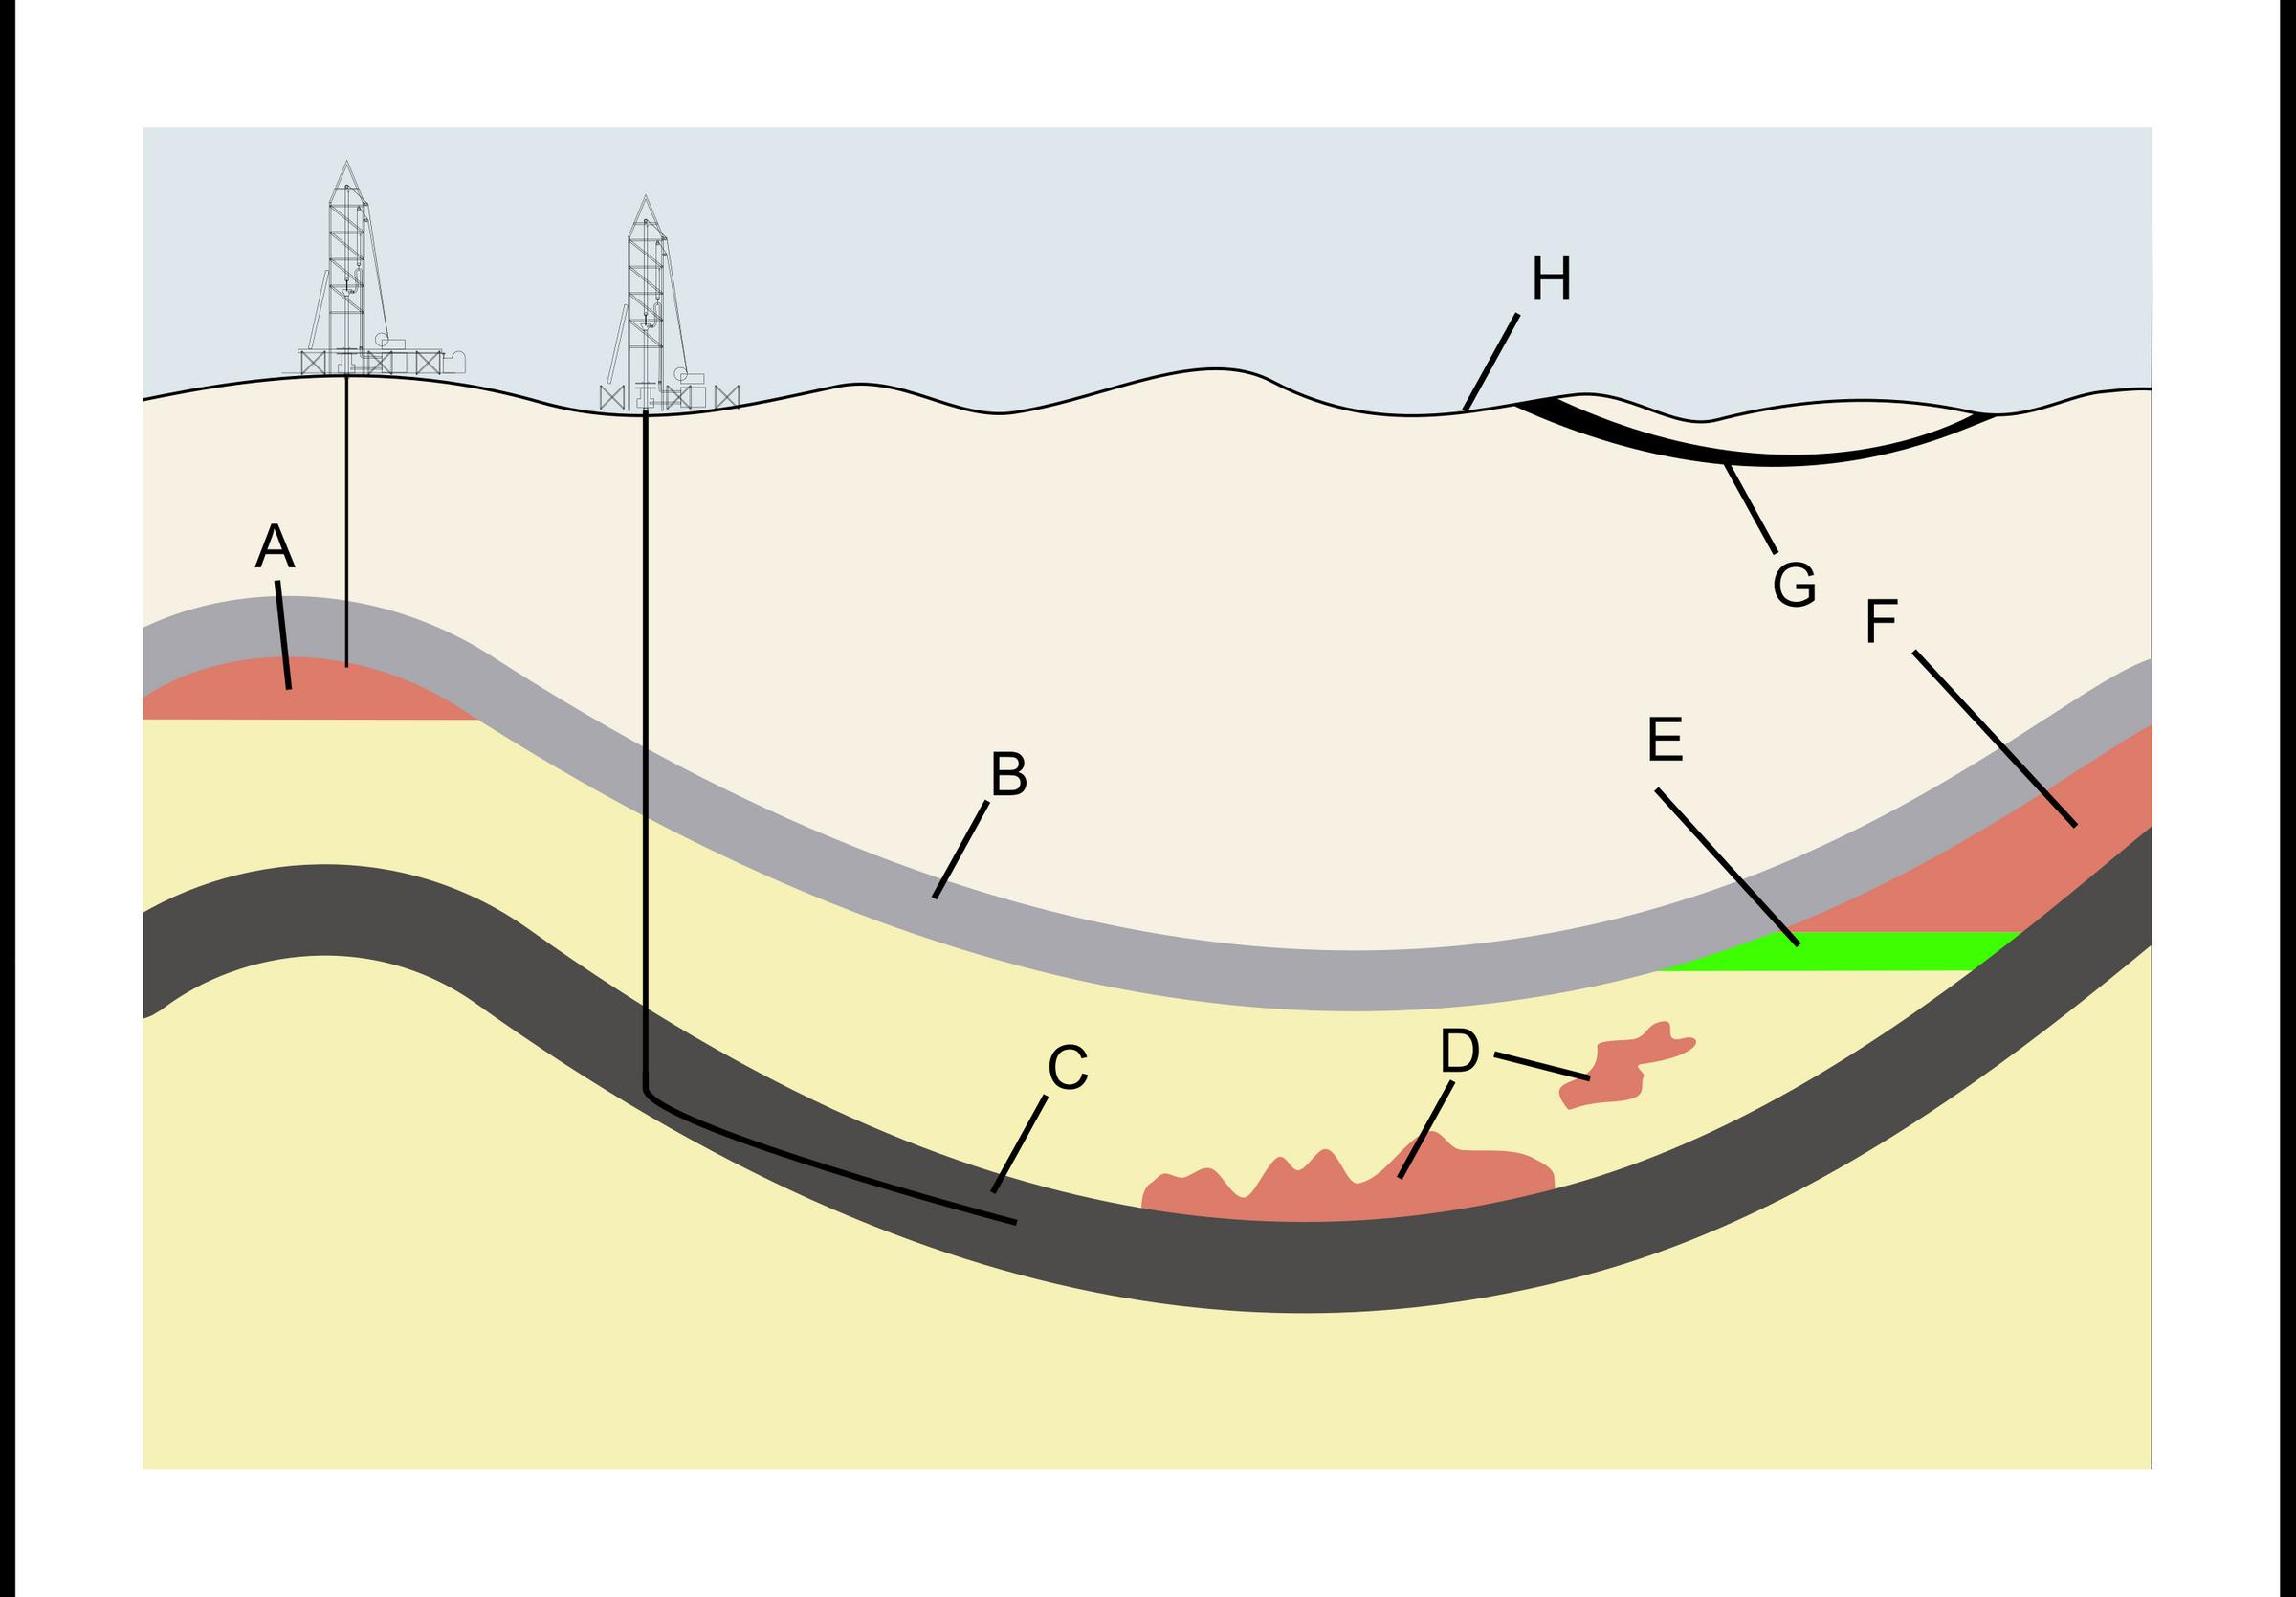 Типы природного газа: обычный (A), сланцевый (C), из жёсткого песка (D), попутный (F), угольный метан (G). Фото © Wikipedia